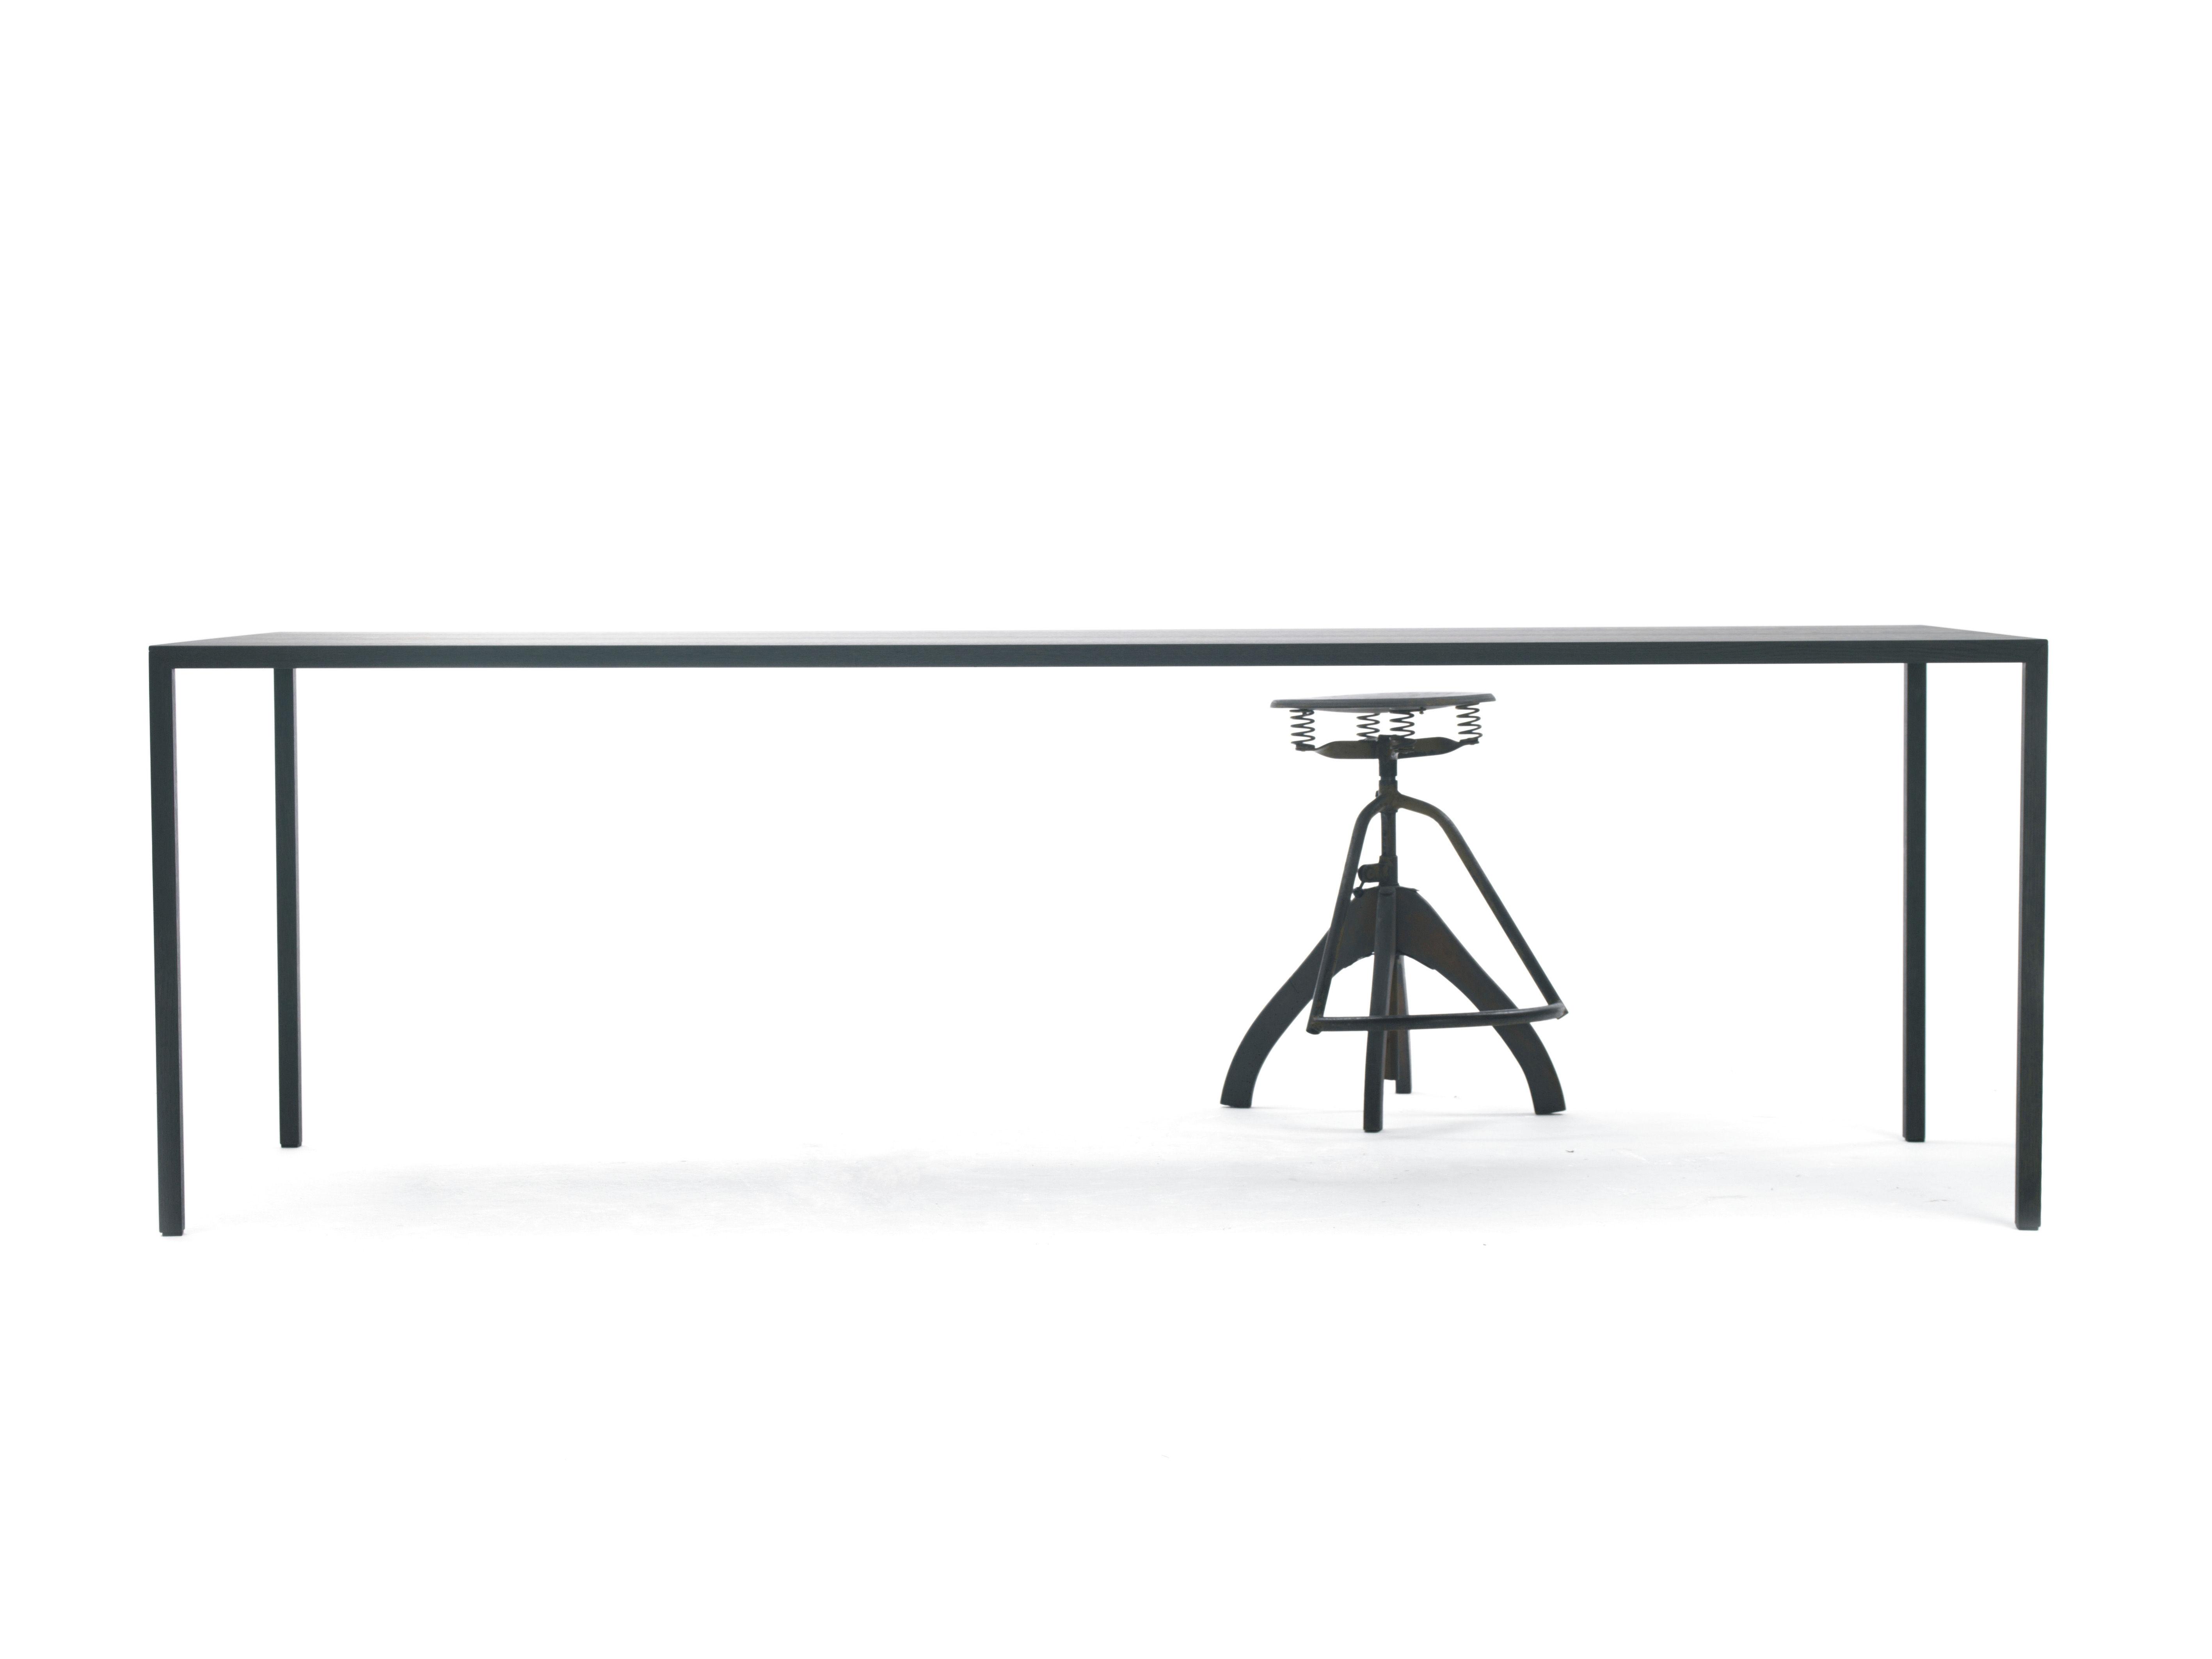 table slim    160 x 90 cm 160 x 90 cm    ch u00eane noir